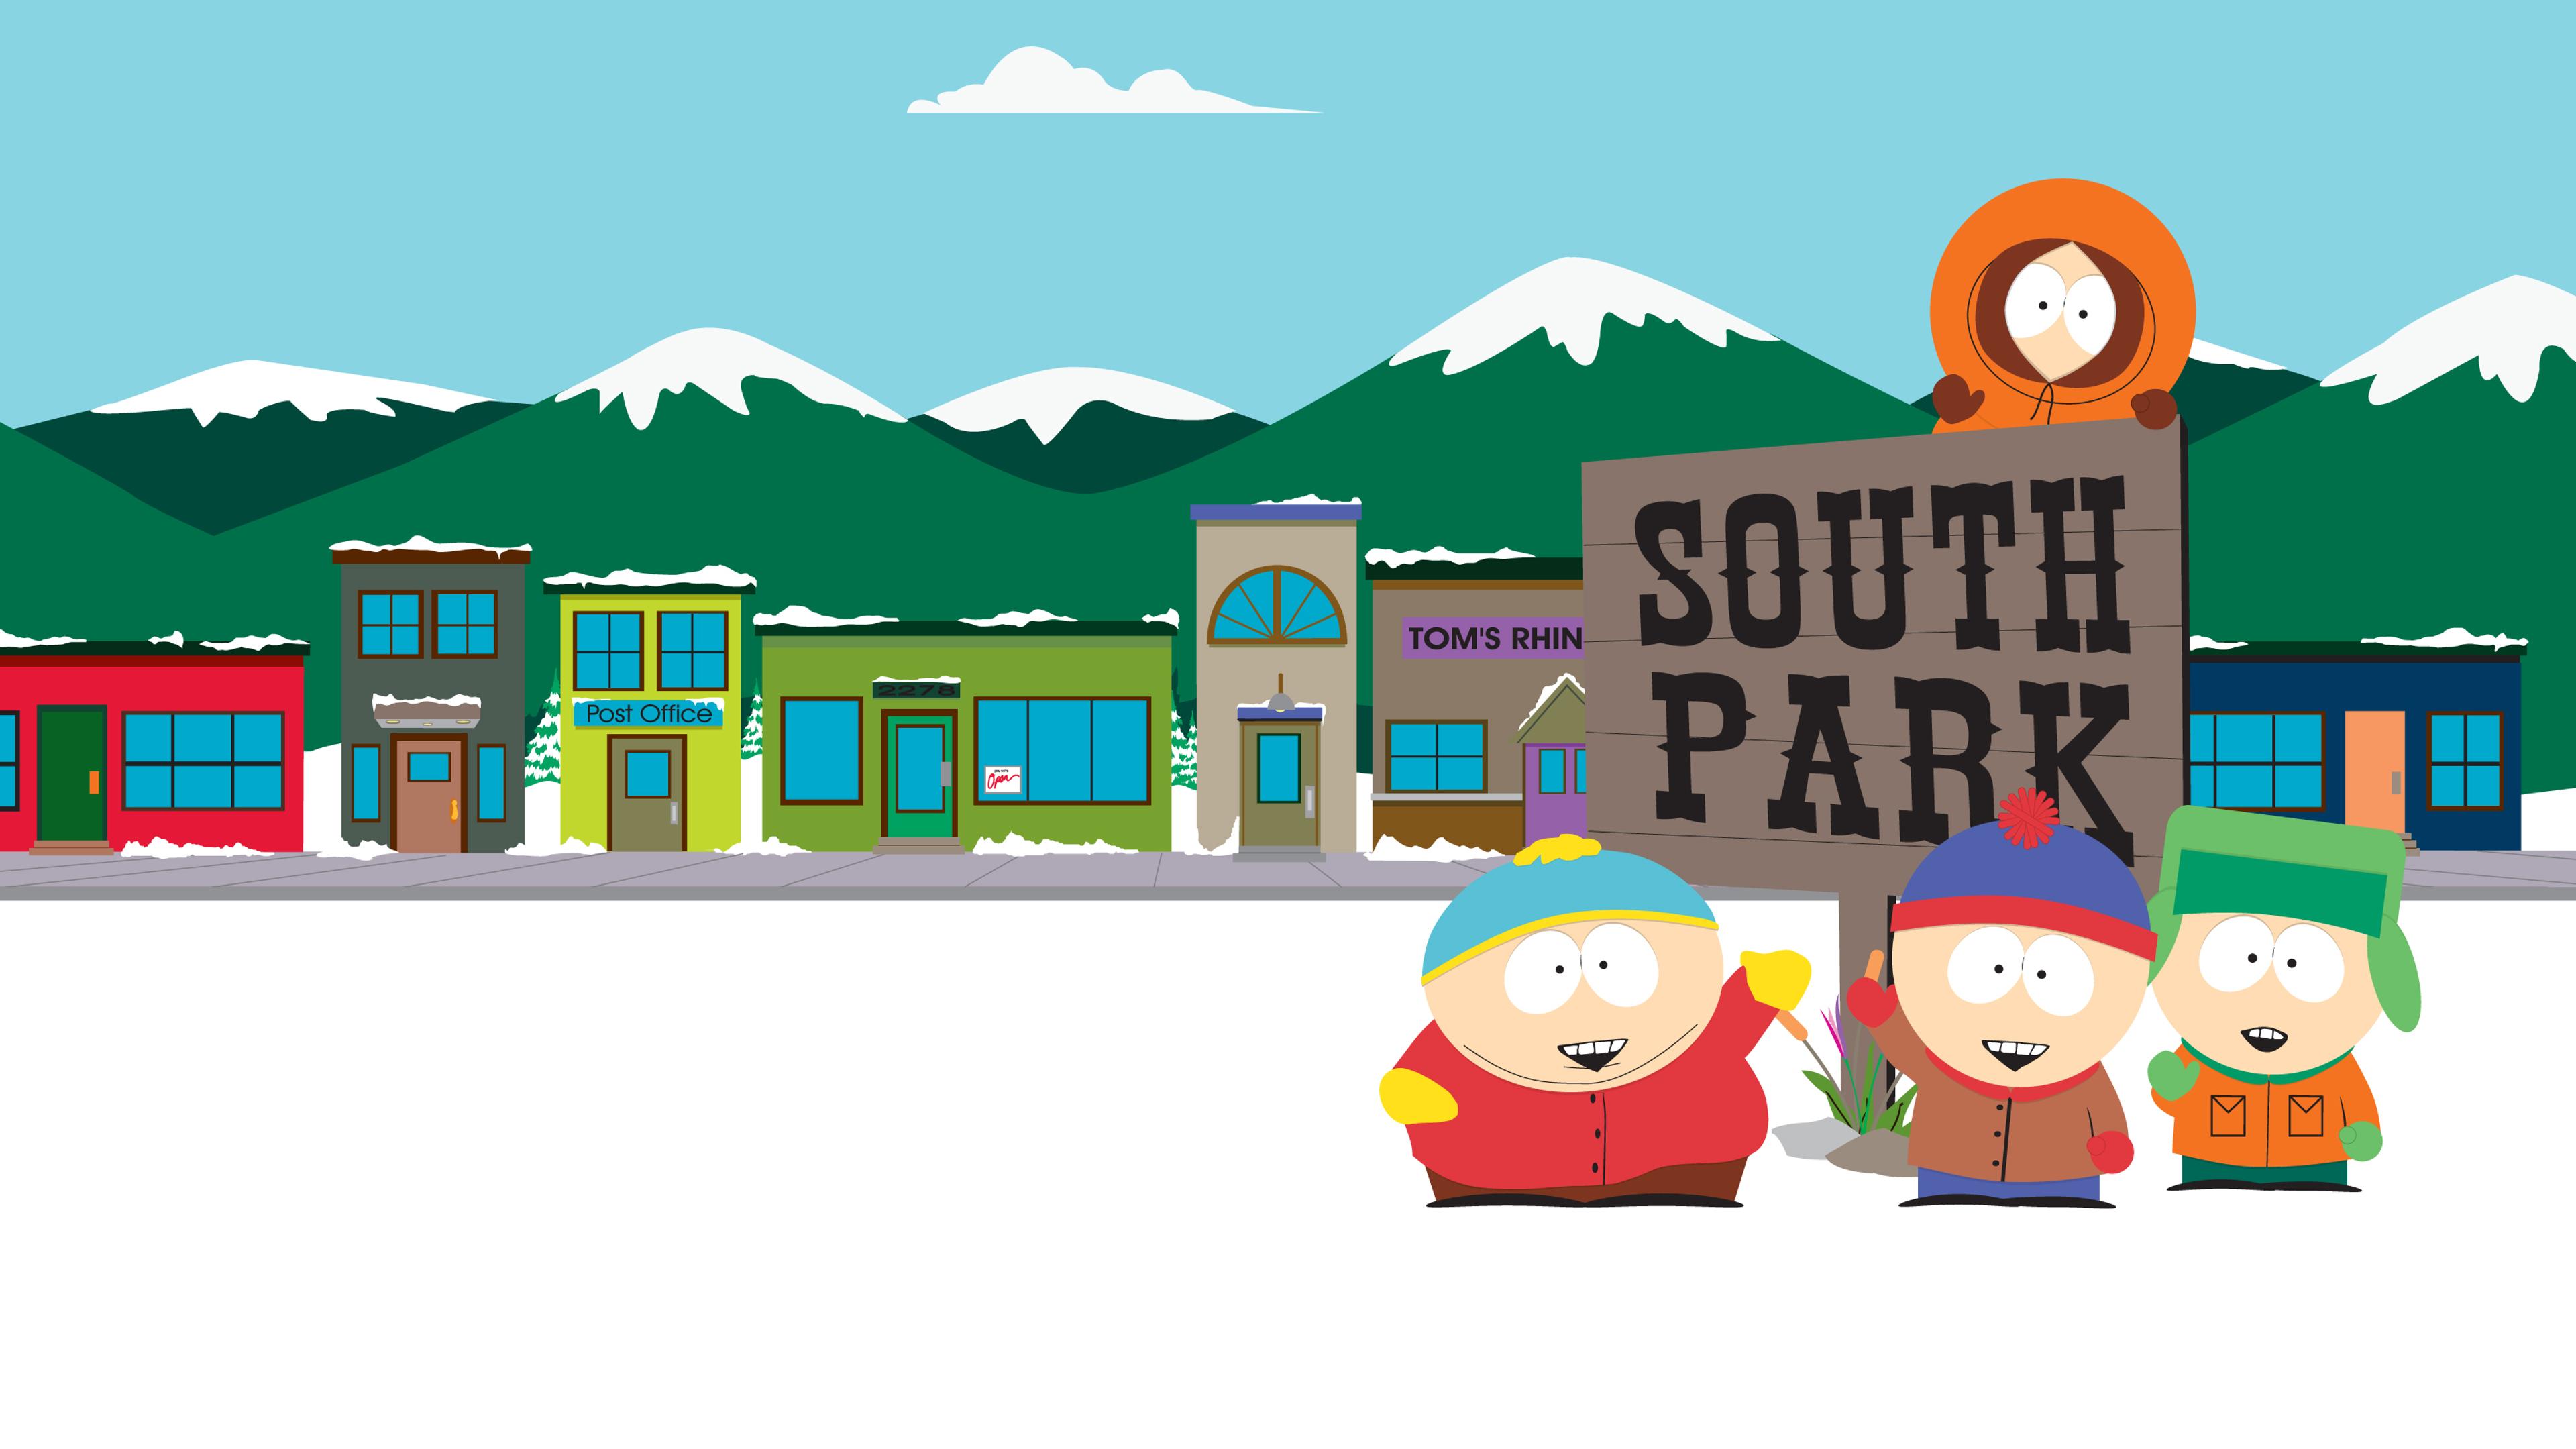 South Park Hintergrund